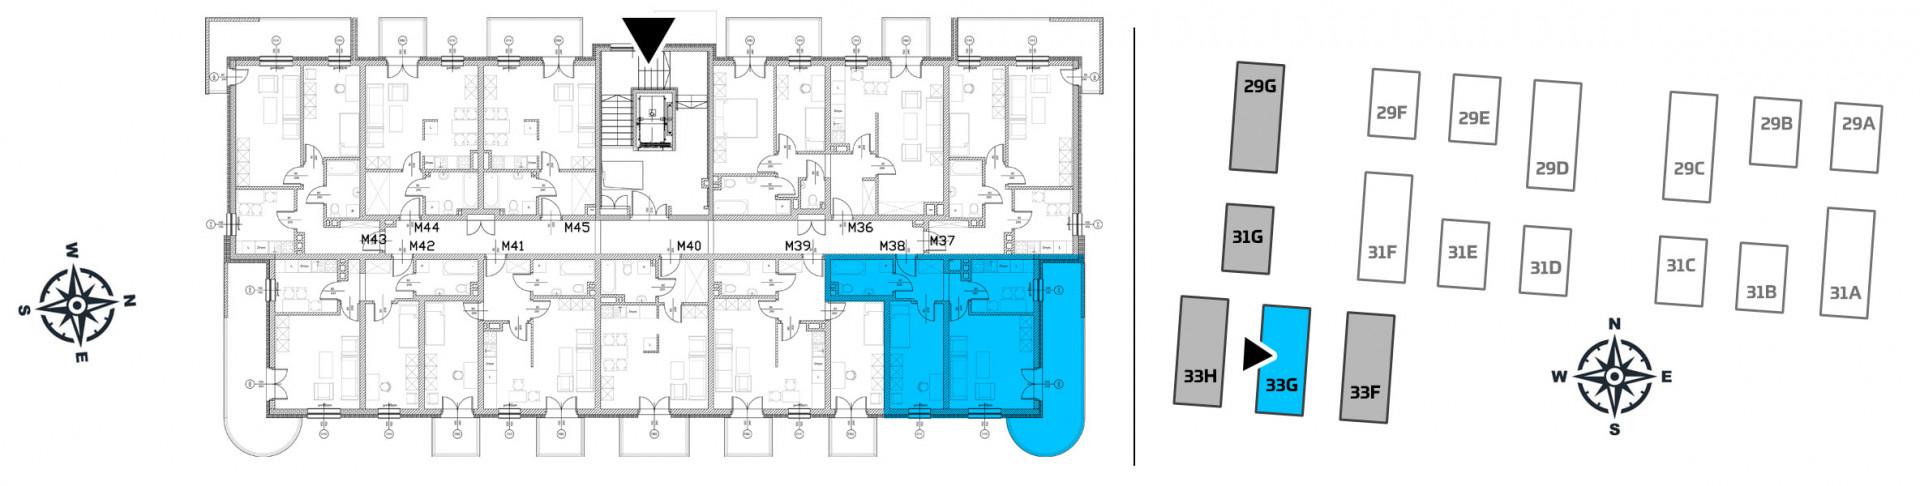 Mieszkanie dwupokojowe 33G/38 rzut 2